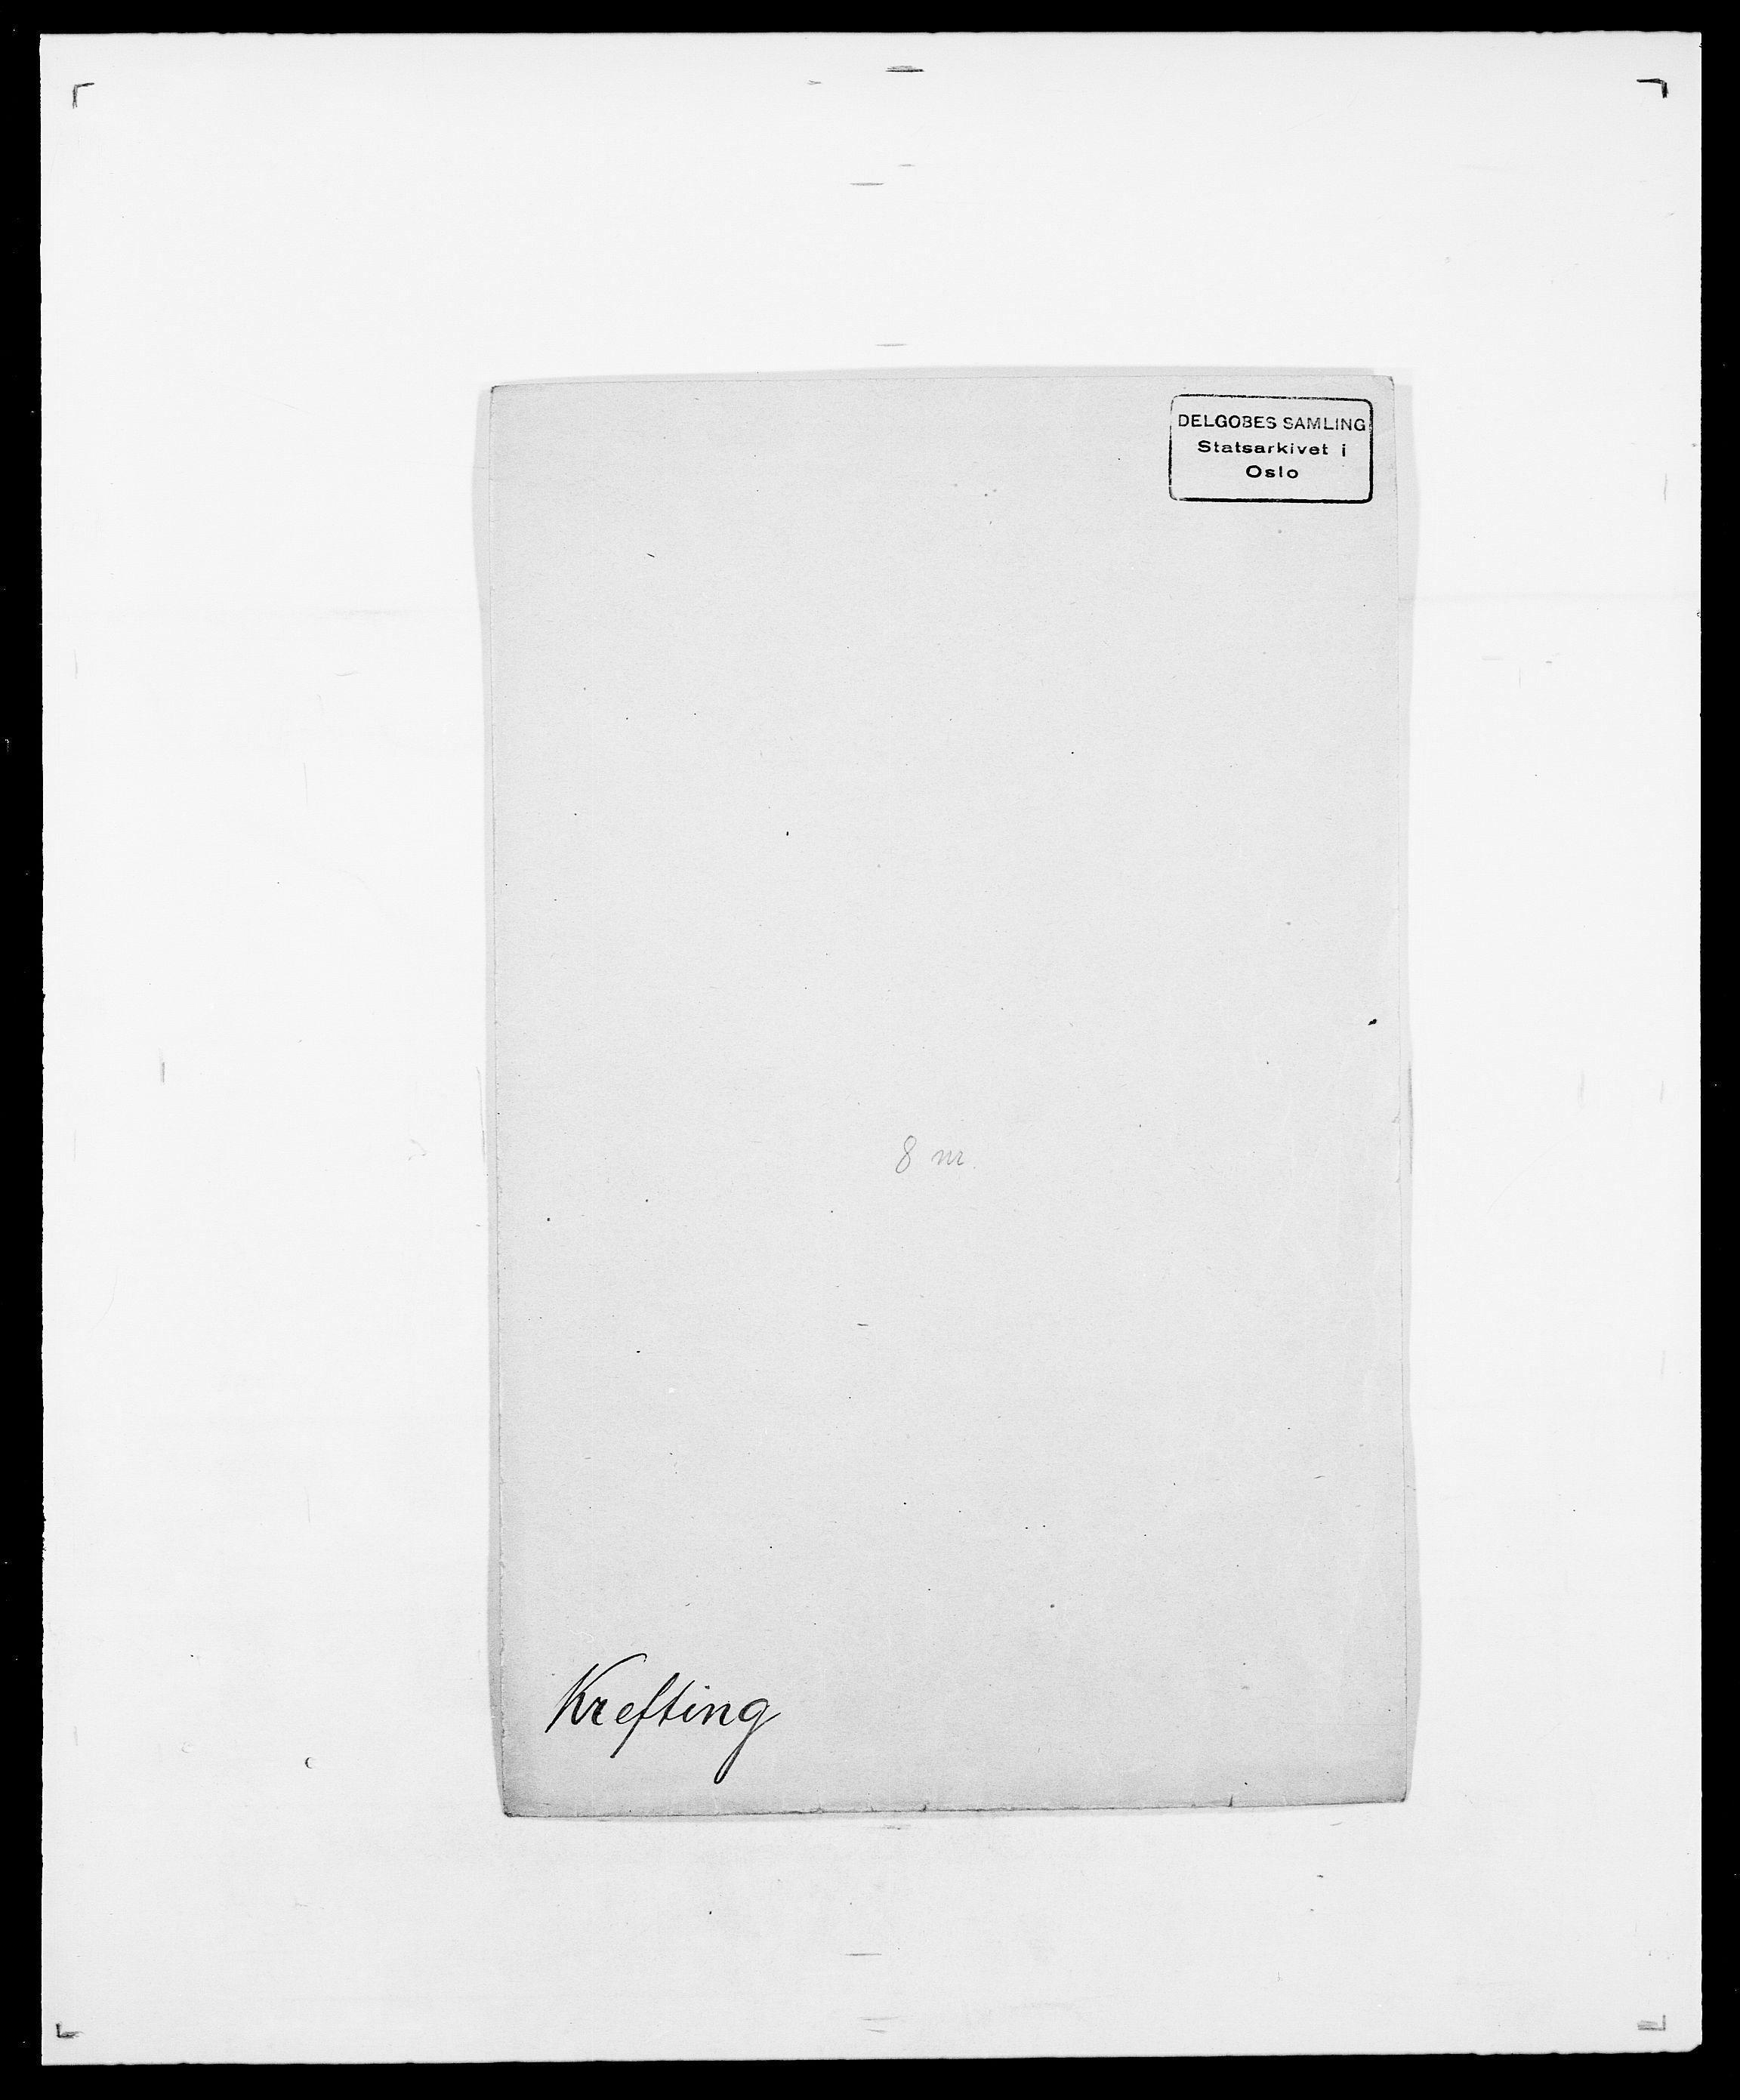 SAO, Delgobe, Charles Antoine - samling, D/Da/L0021: Klagenberg - Kristoft, s. 749